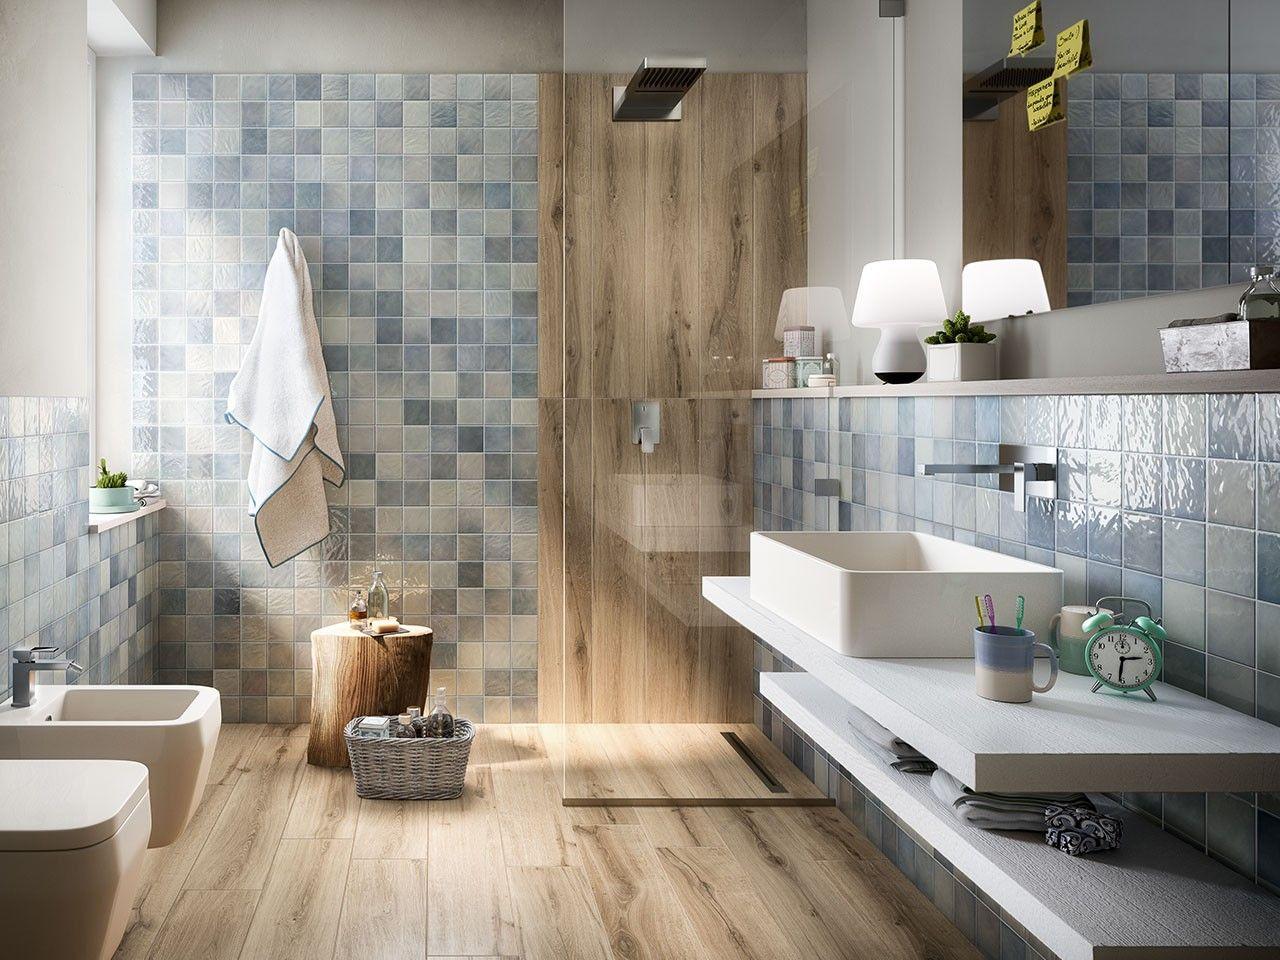 Bagno di romagna terme specchio per bagno arcom bagni bagni e bagni